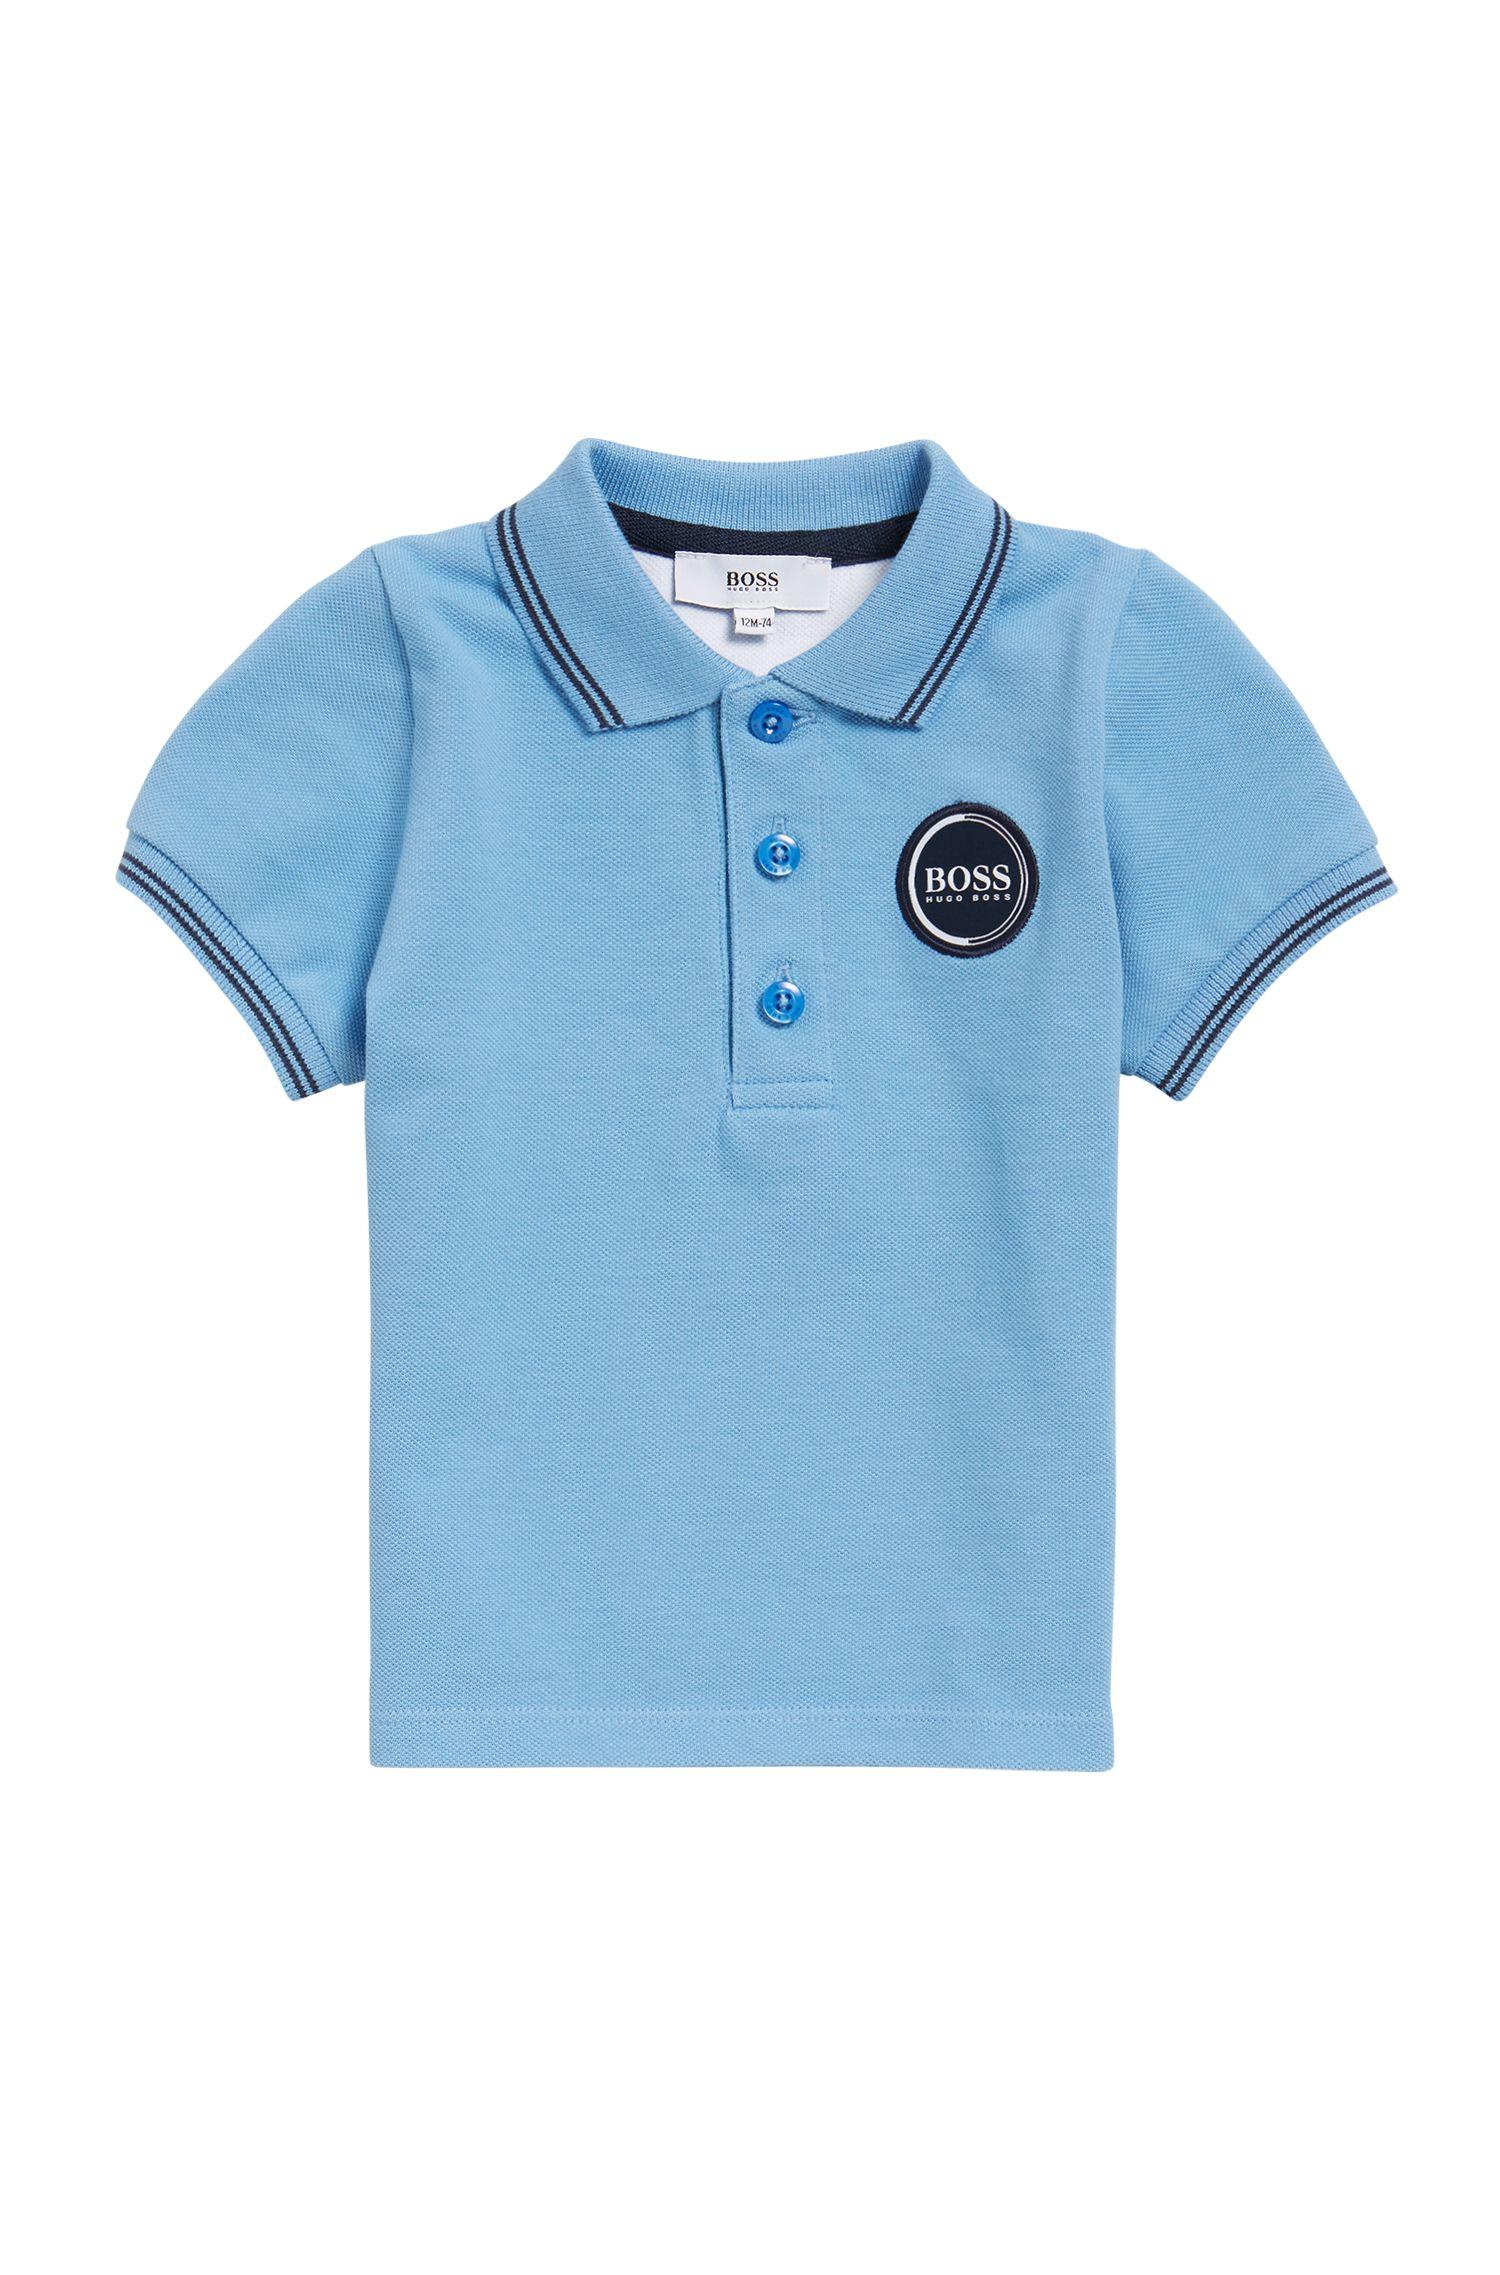 Kids-Poloshirt aus Baumwoll-Piqué mit Logo-Aufnäher